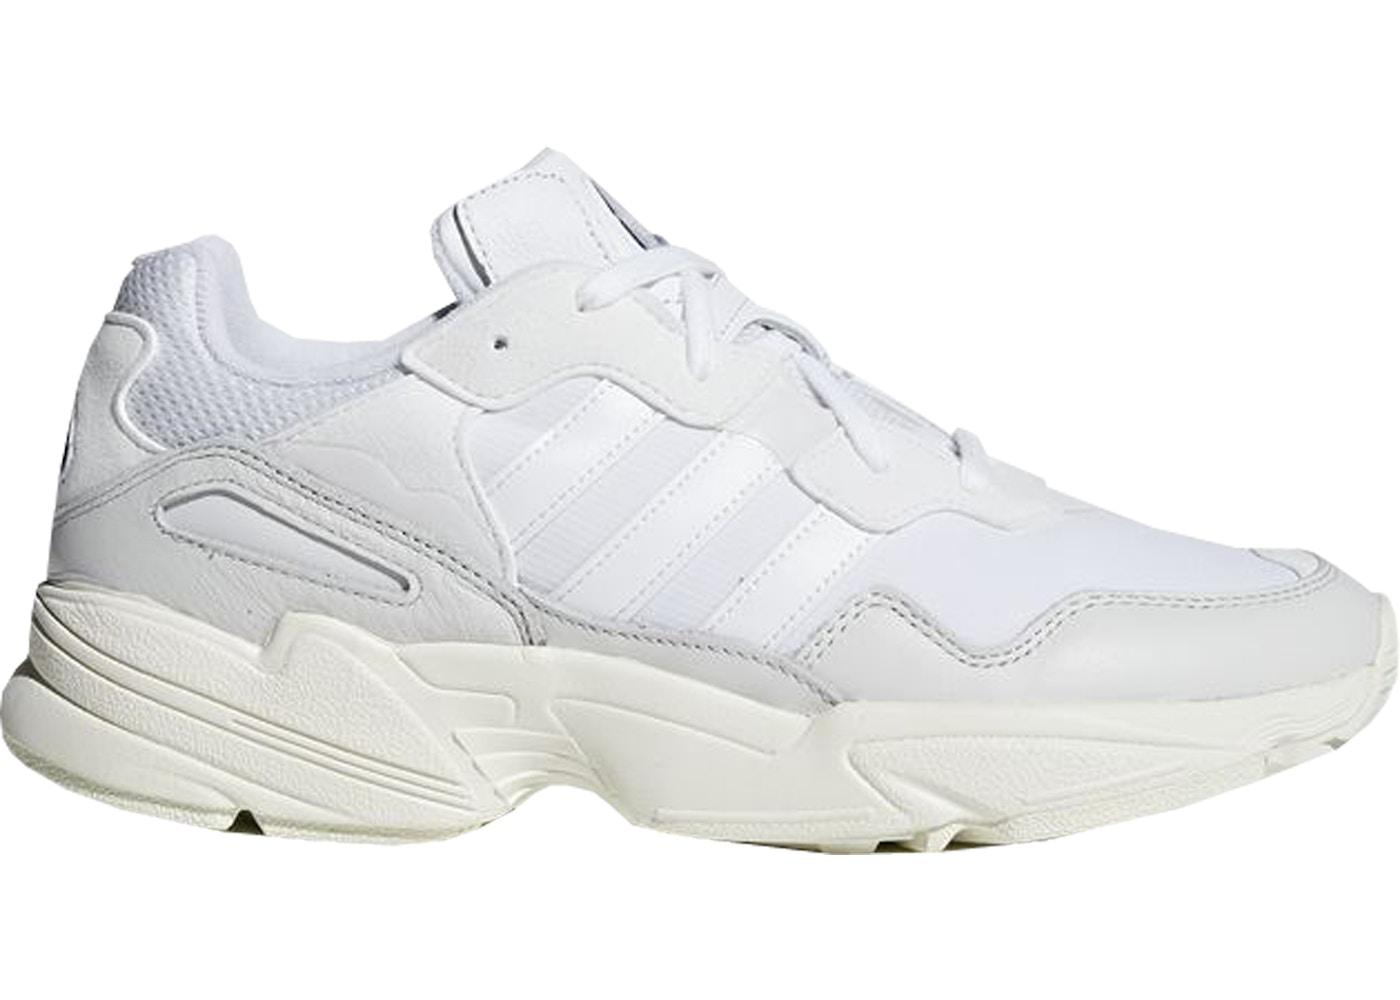 a3824e4faa5326 HypeAnalyzer · adidas Yung-96 Triple White